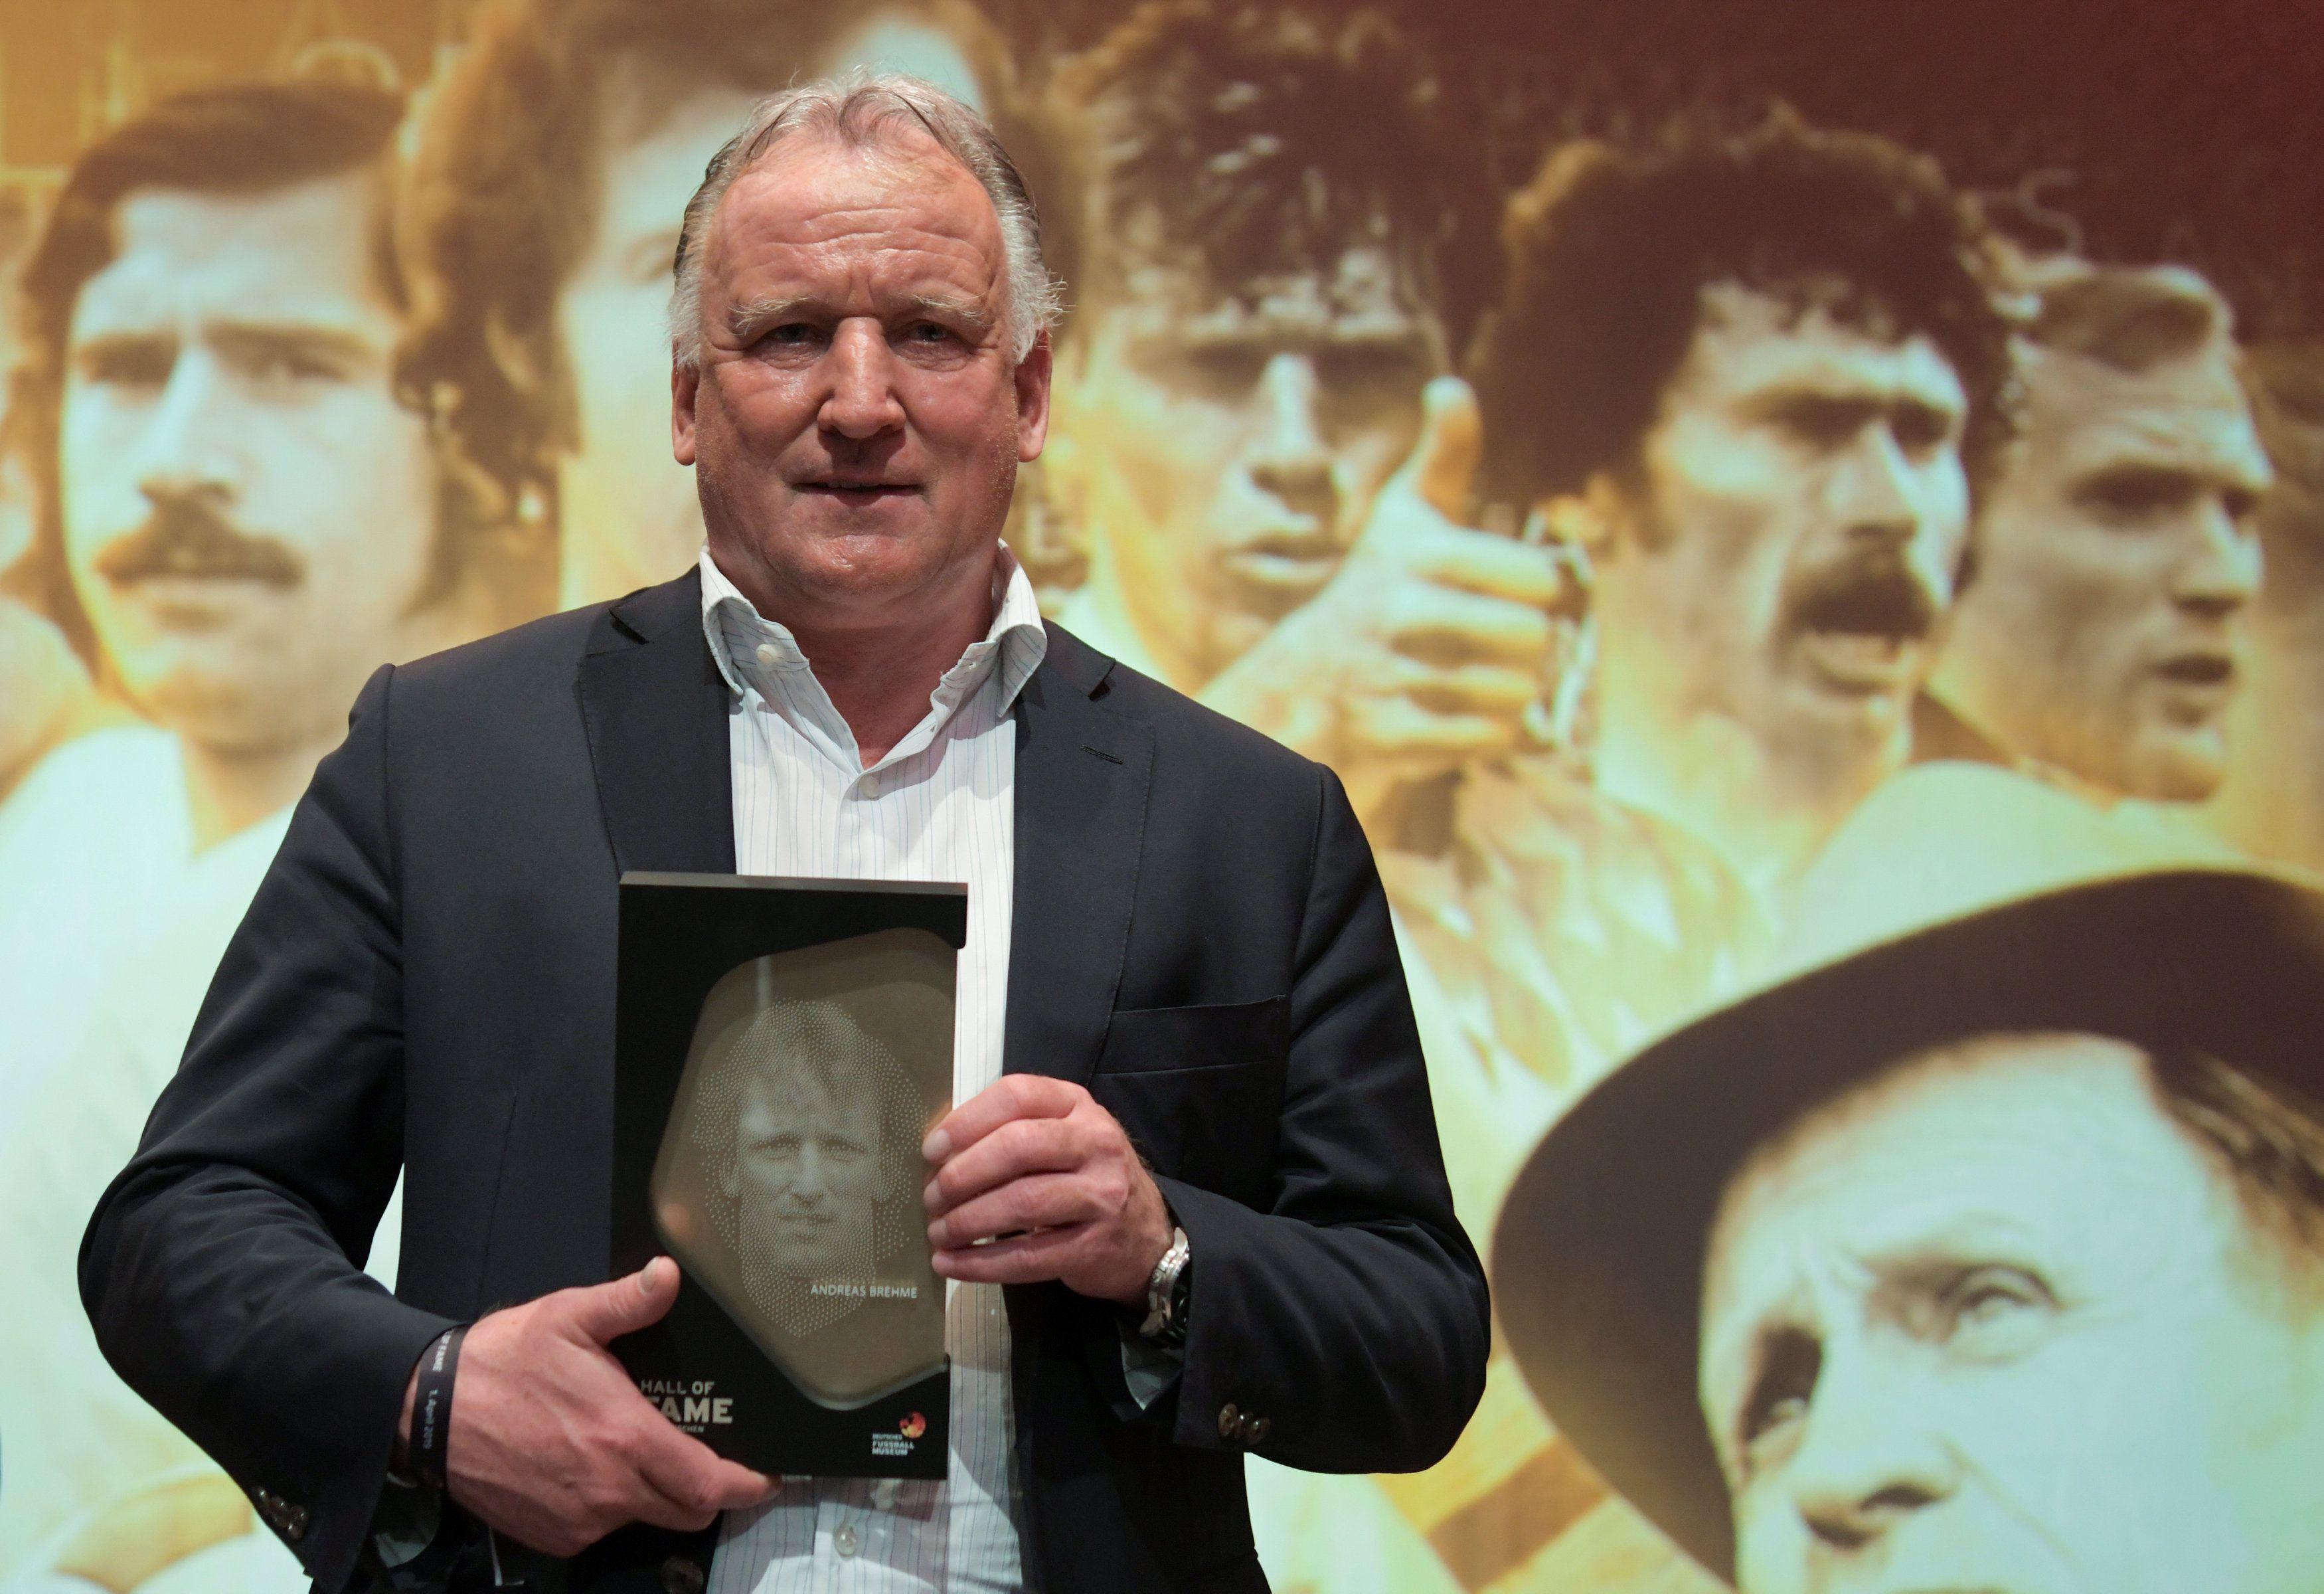 Andreas Brehme, una leyenda del fútbol alemán (REUTERS/Ina Fassbender/Pool)